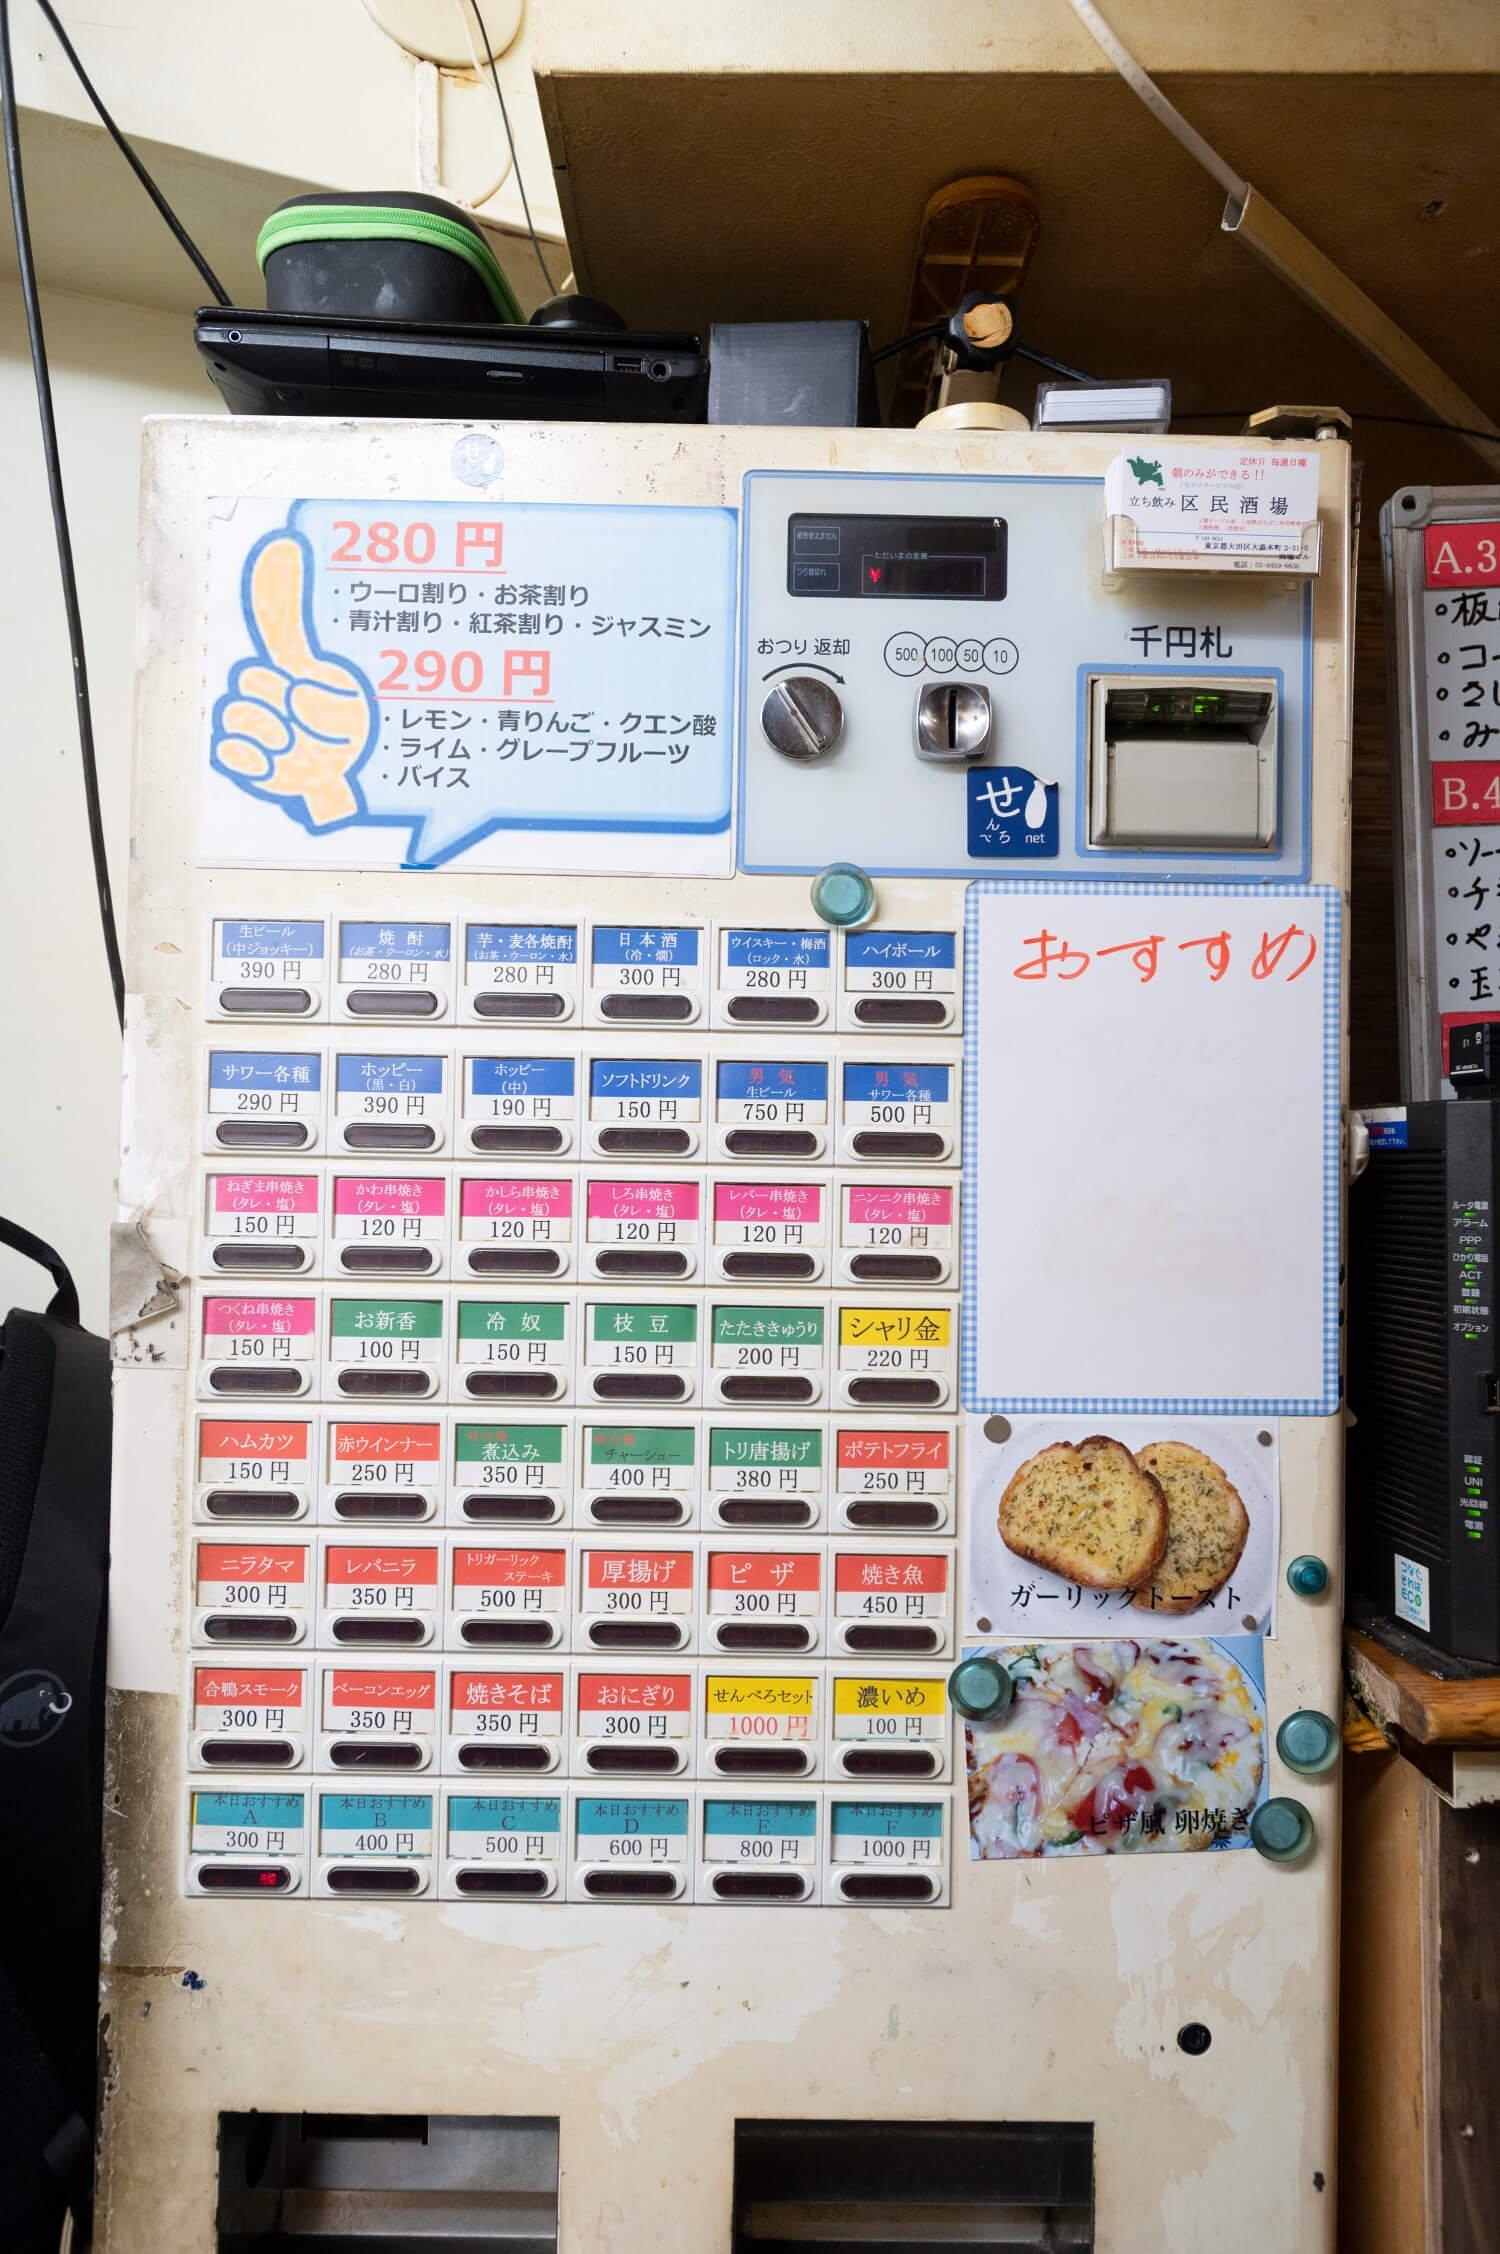 注文は食券制。「酒濃いめ100円」の食券もある。